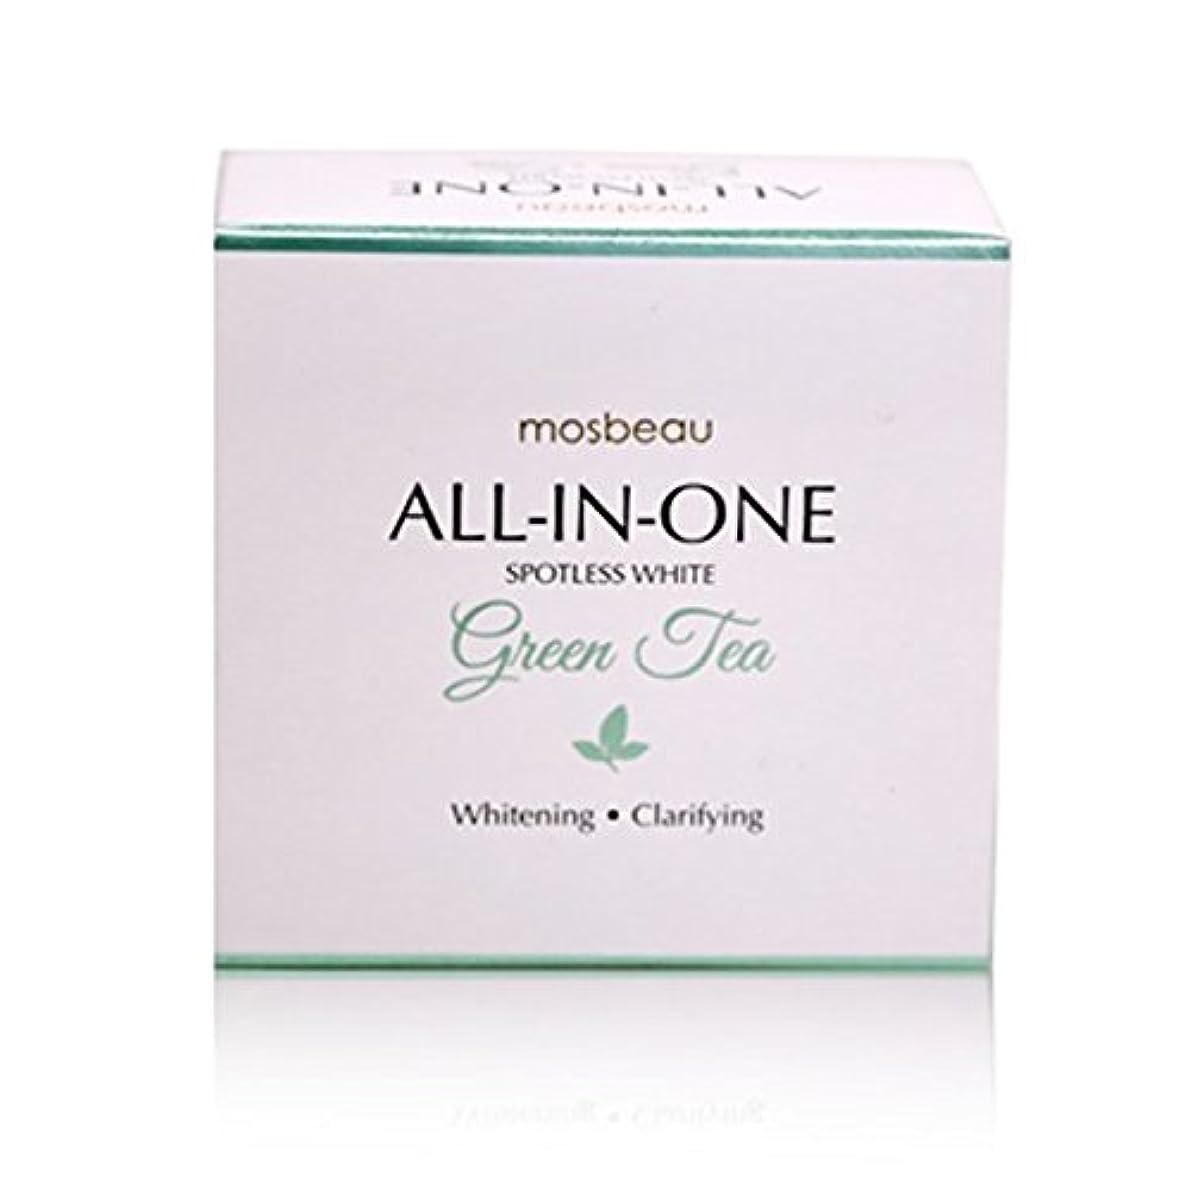 息を切らしてオセアニアエレガントmosbeau Spotless White GREEN TEA Facial Soap 100g モスビュー スポットレス ホワイト グリーンティー フェイシャル ソープ